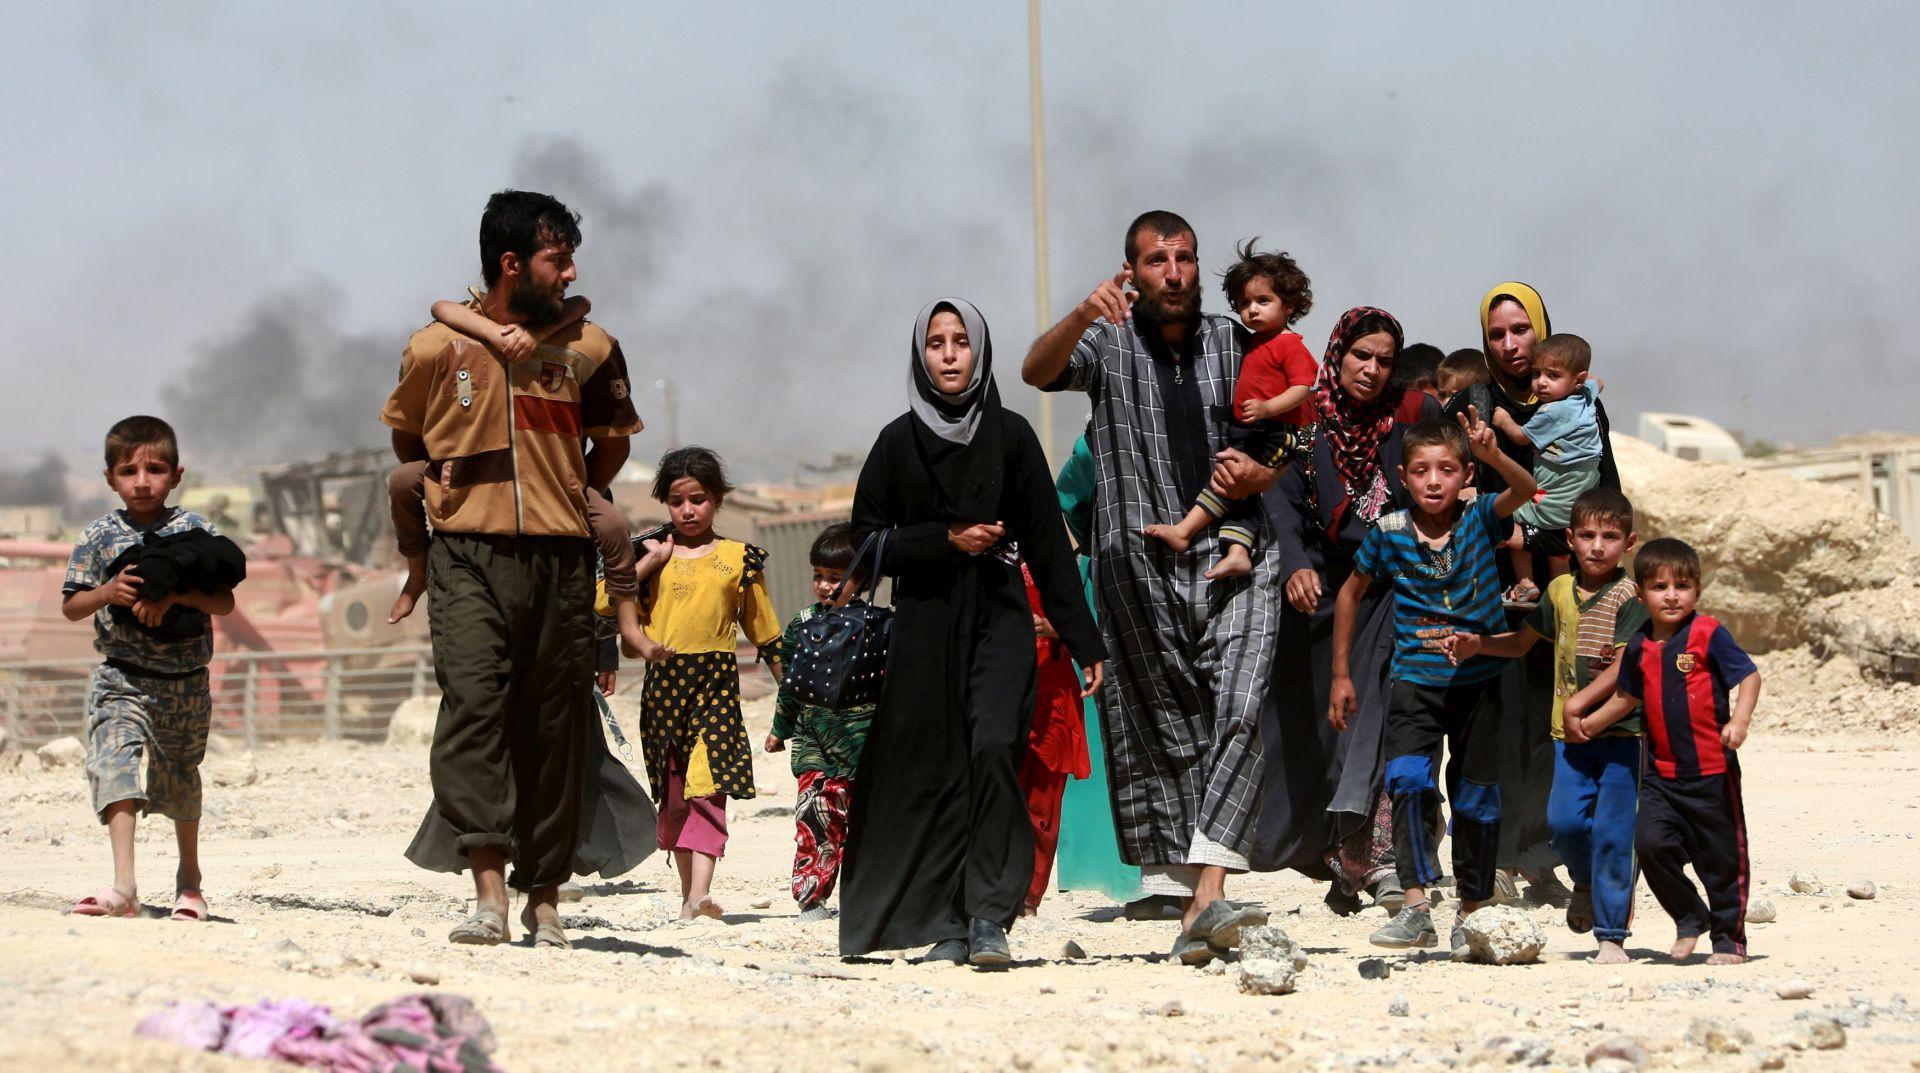 IRAK Jedno dijete umrlo, više od 800 otrovanih u izbjegličkom kampu